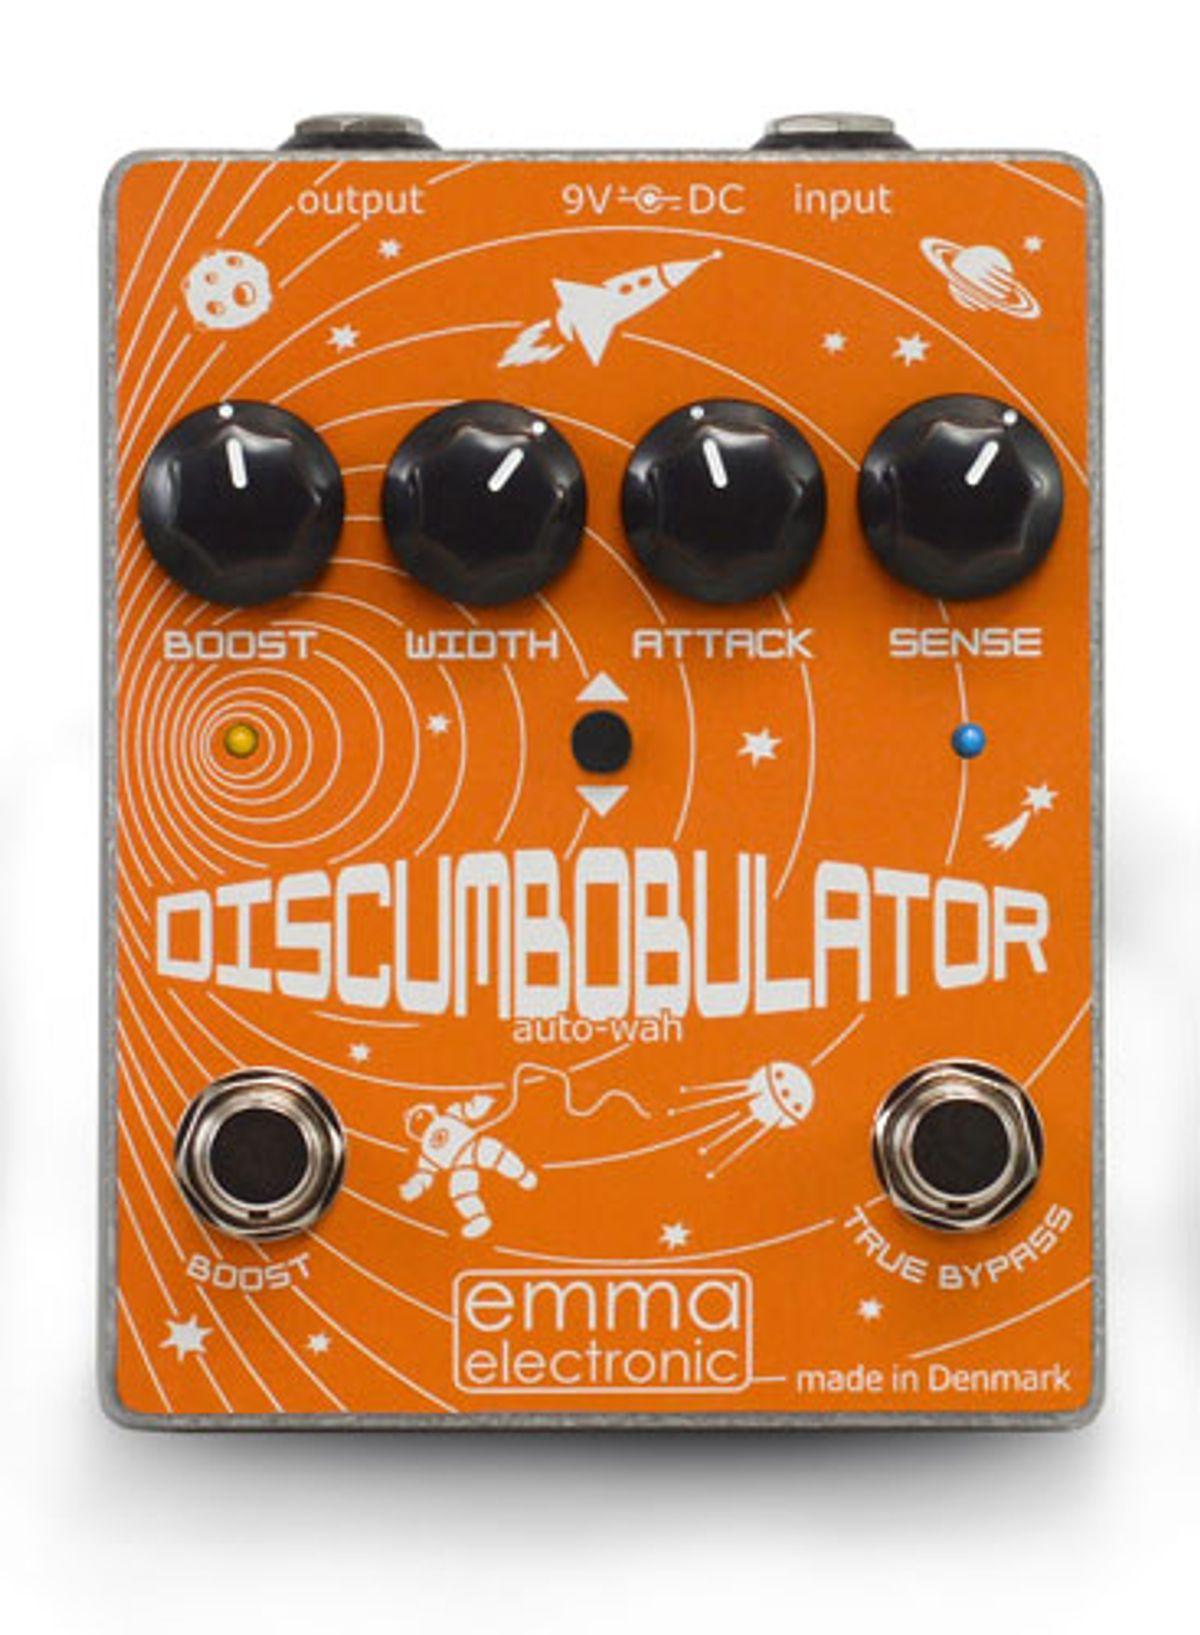 Emma Electronics Releases the DiscumBOBulator MkII